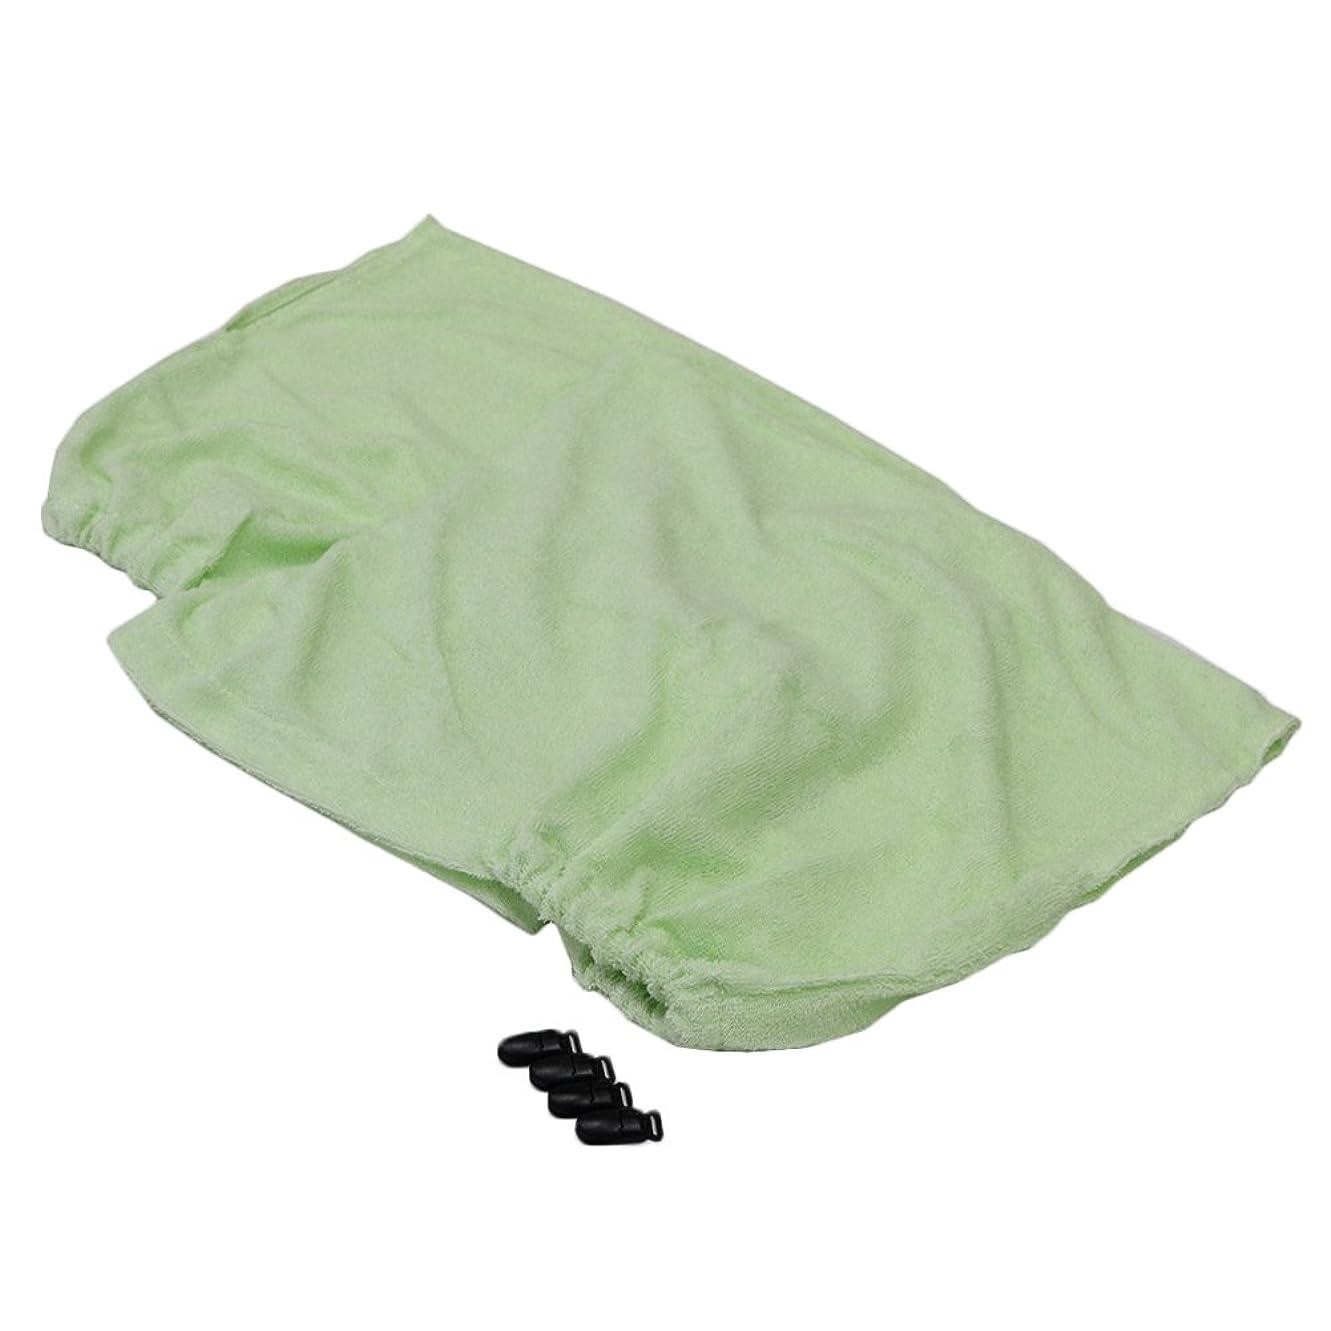 最愛の前兆汚物(セシール)cecile 衿カバー 「汚れやすい部分だけ、洗えちゃう!」綿100%パイルのマイヤータオル衿カバー ミントグリーン シングル CR-842 CR-842